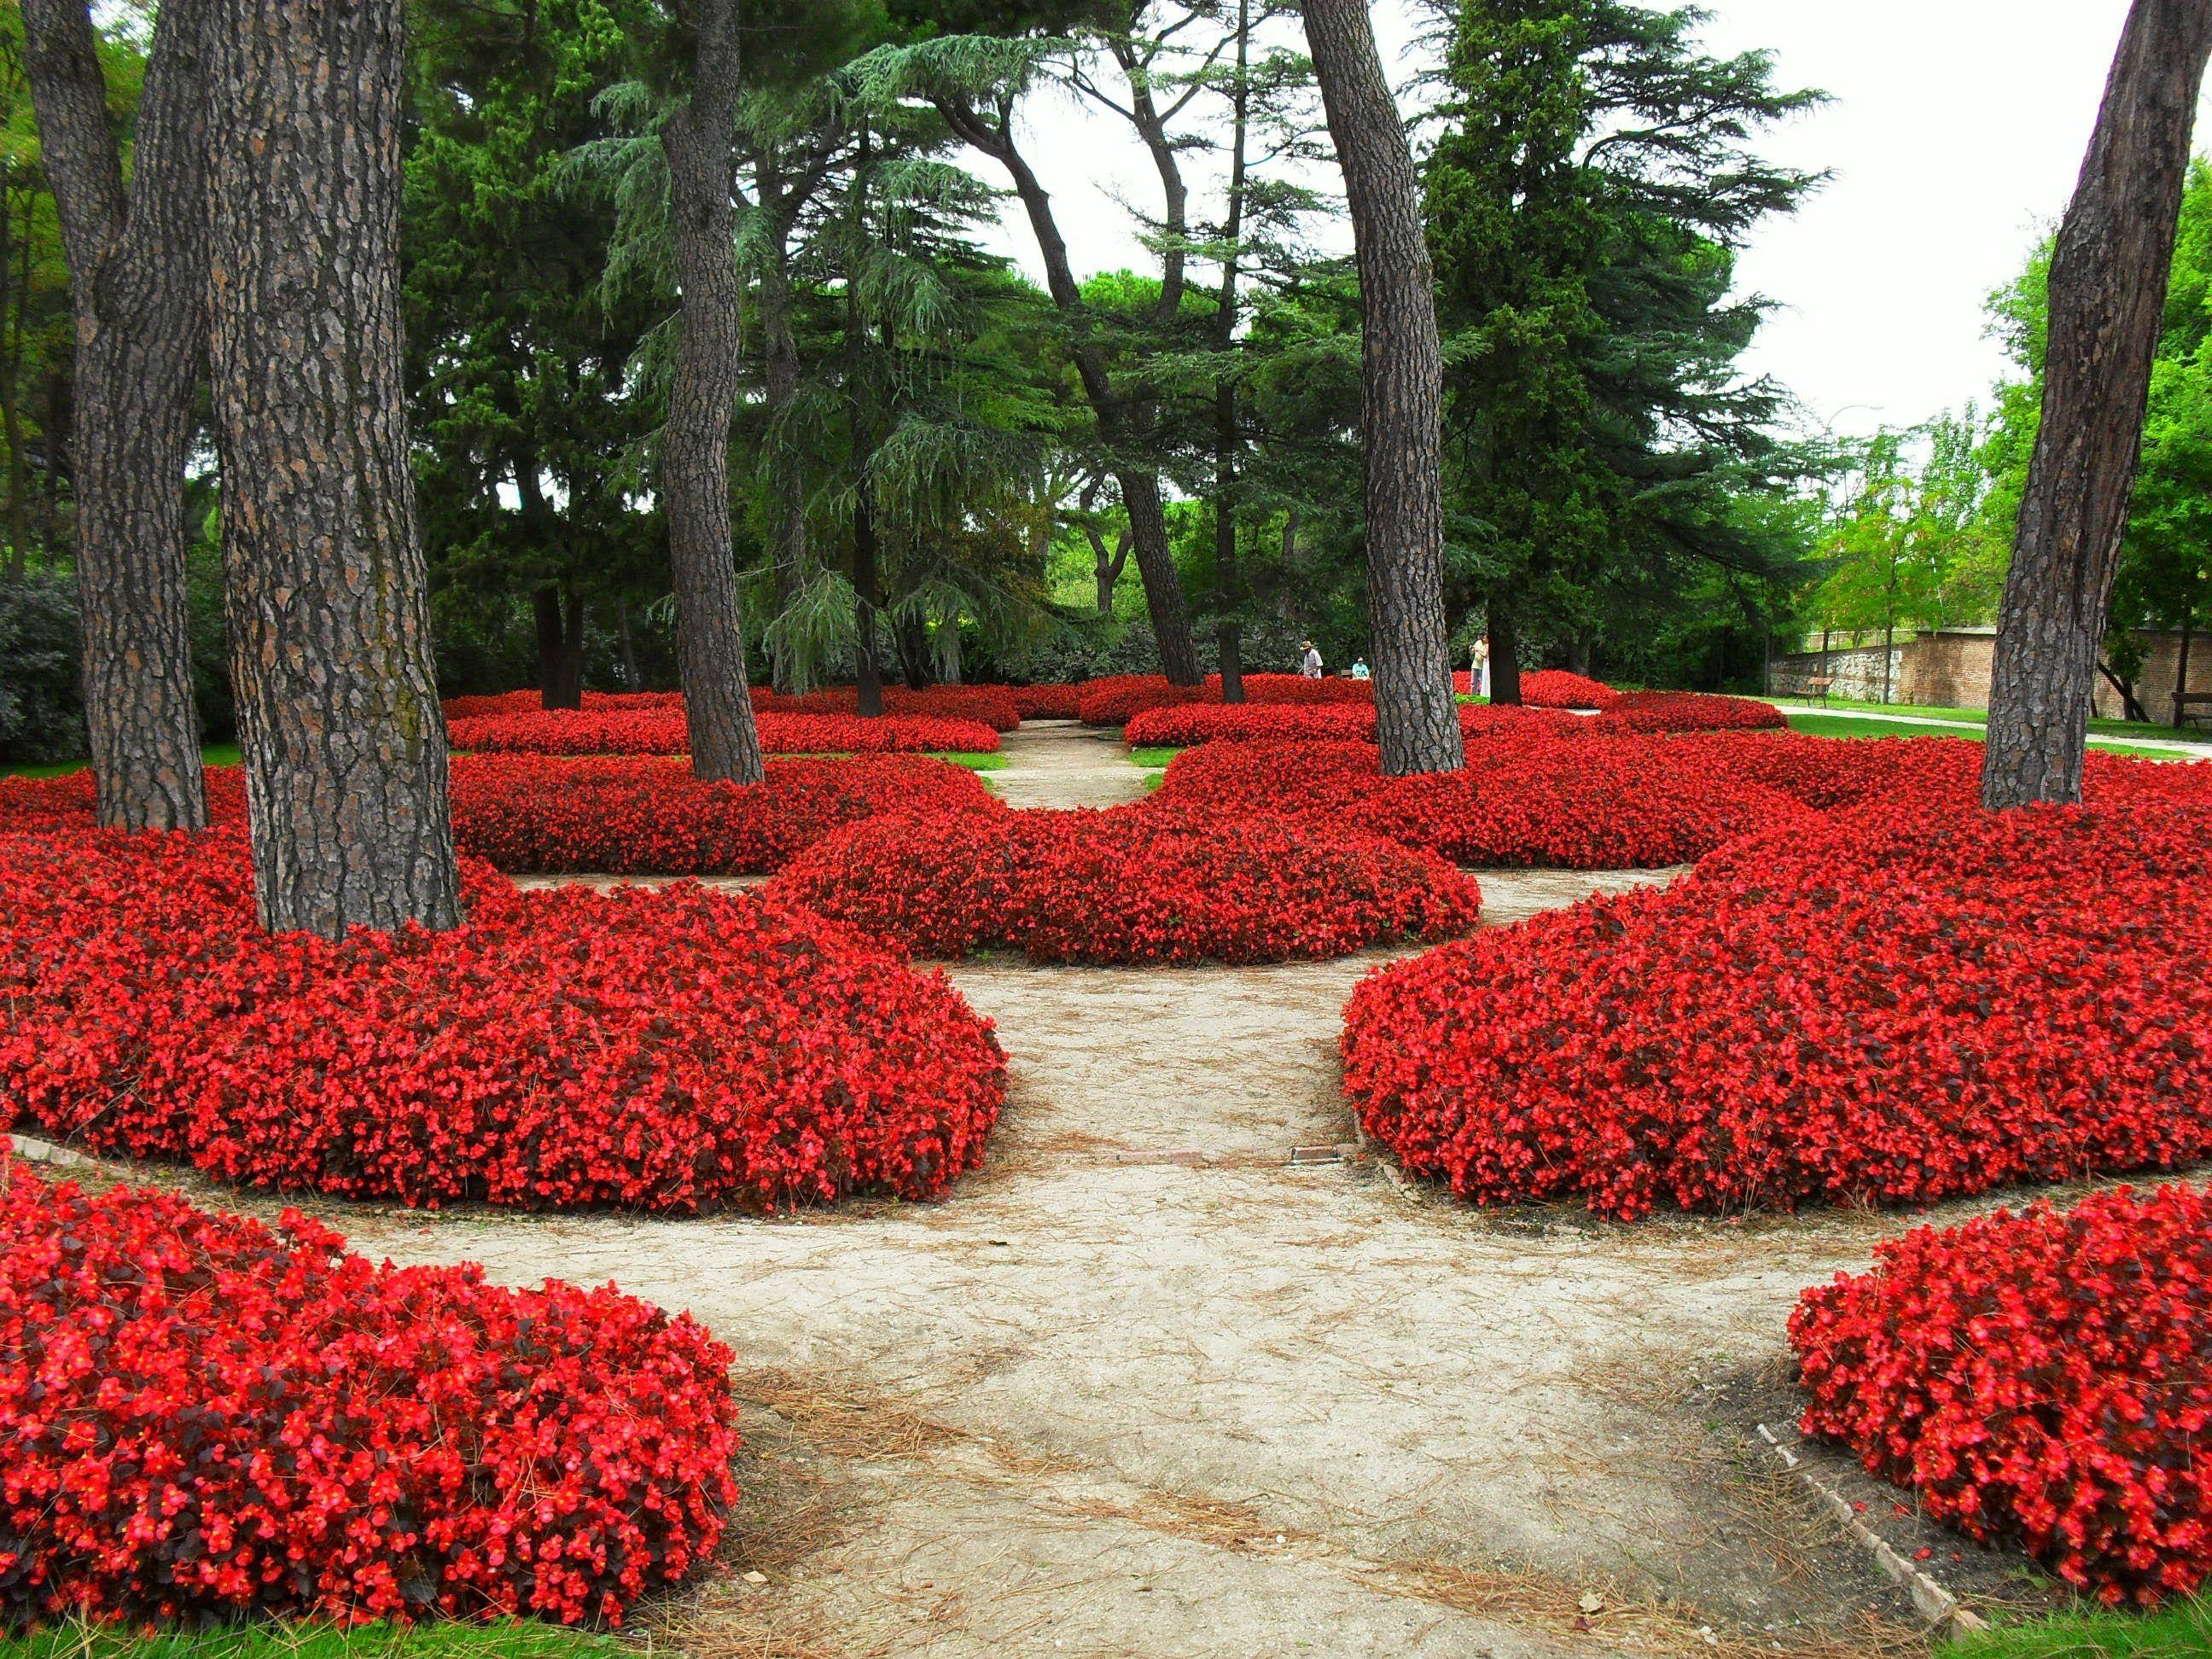 Imagenes de jardines diferencia entre jardines botnicos y for Imagenes de jardines verticales